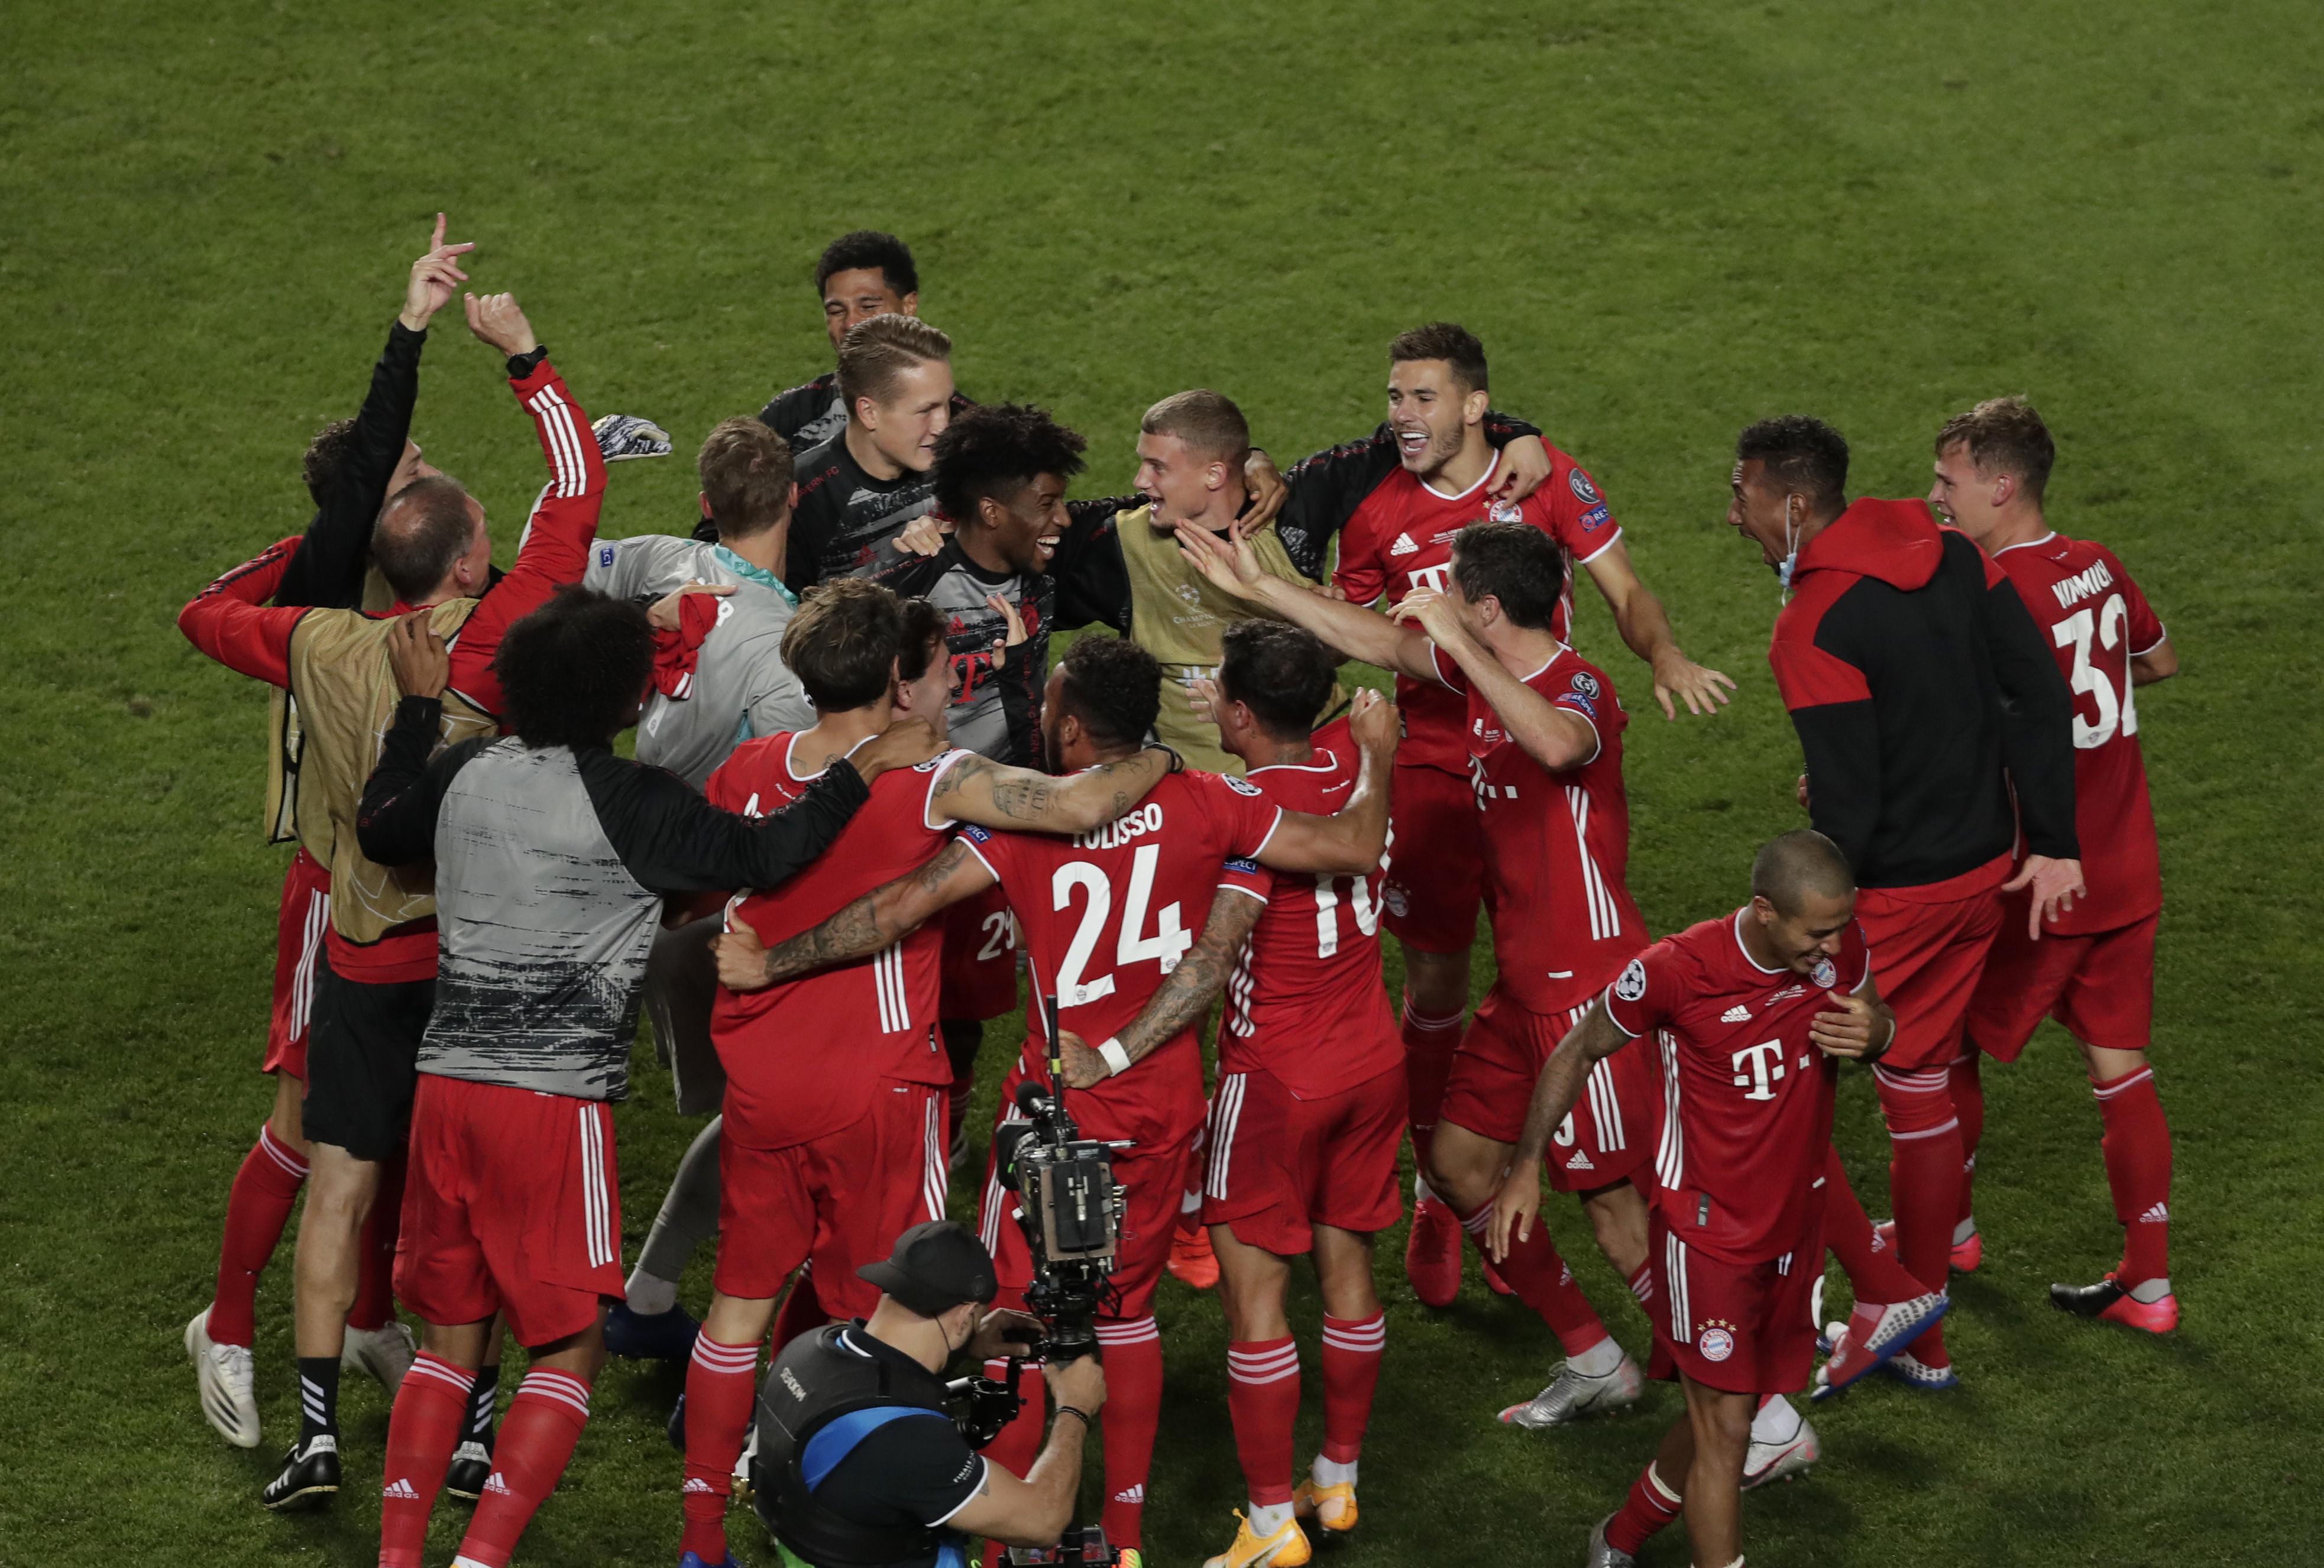 Bayern, 2020. Finale vinta 1-0 col Psg